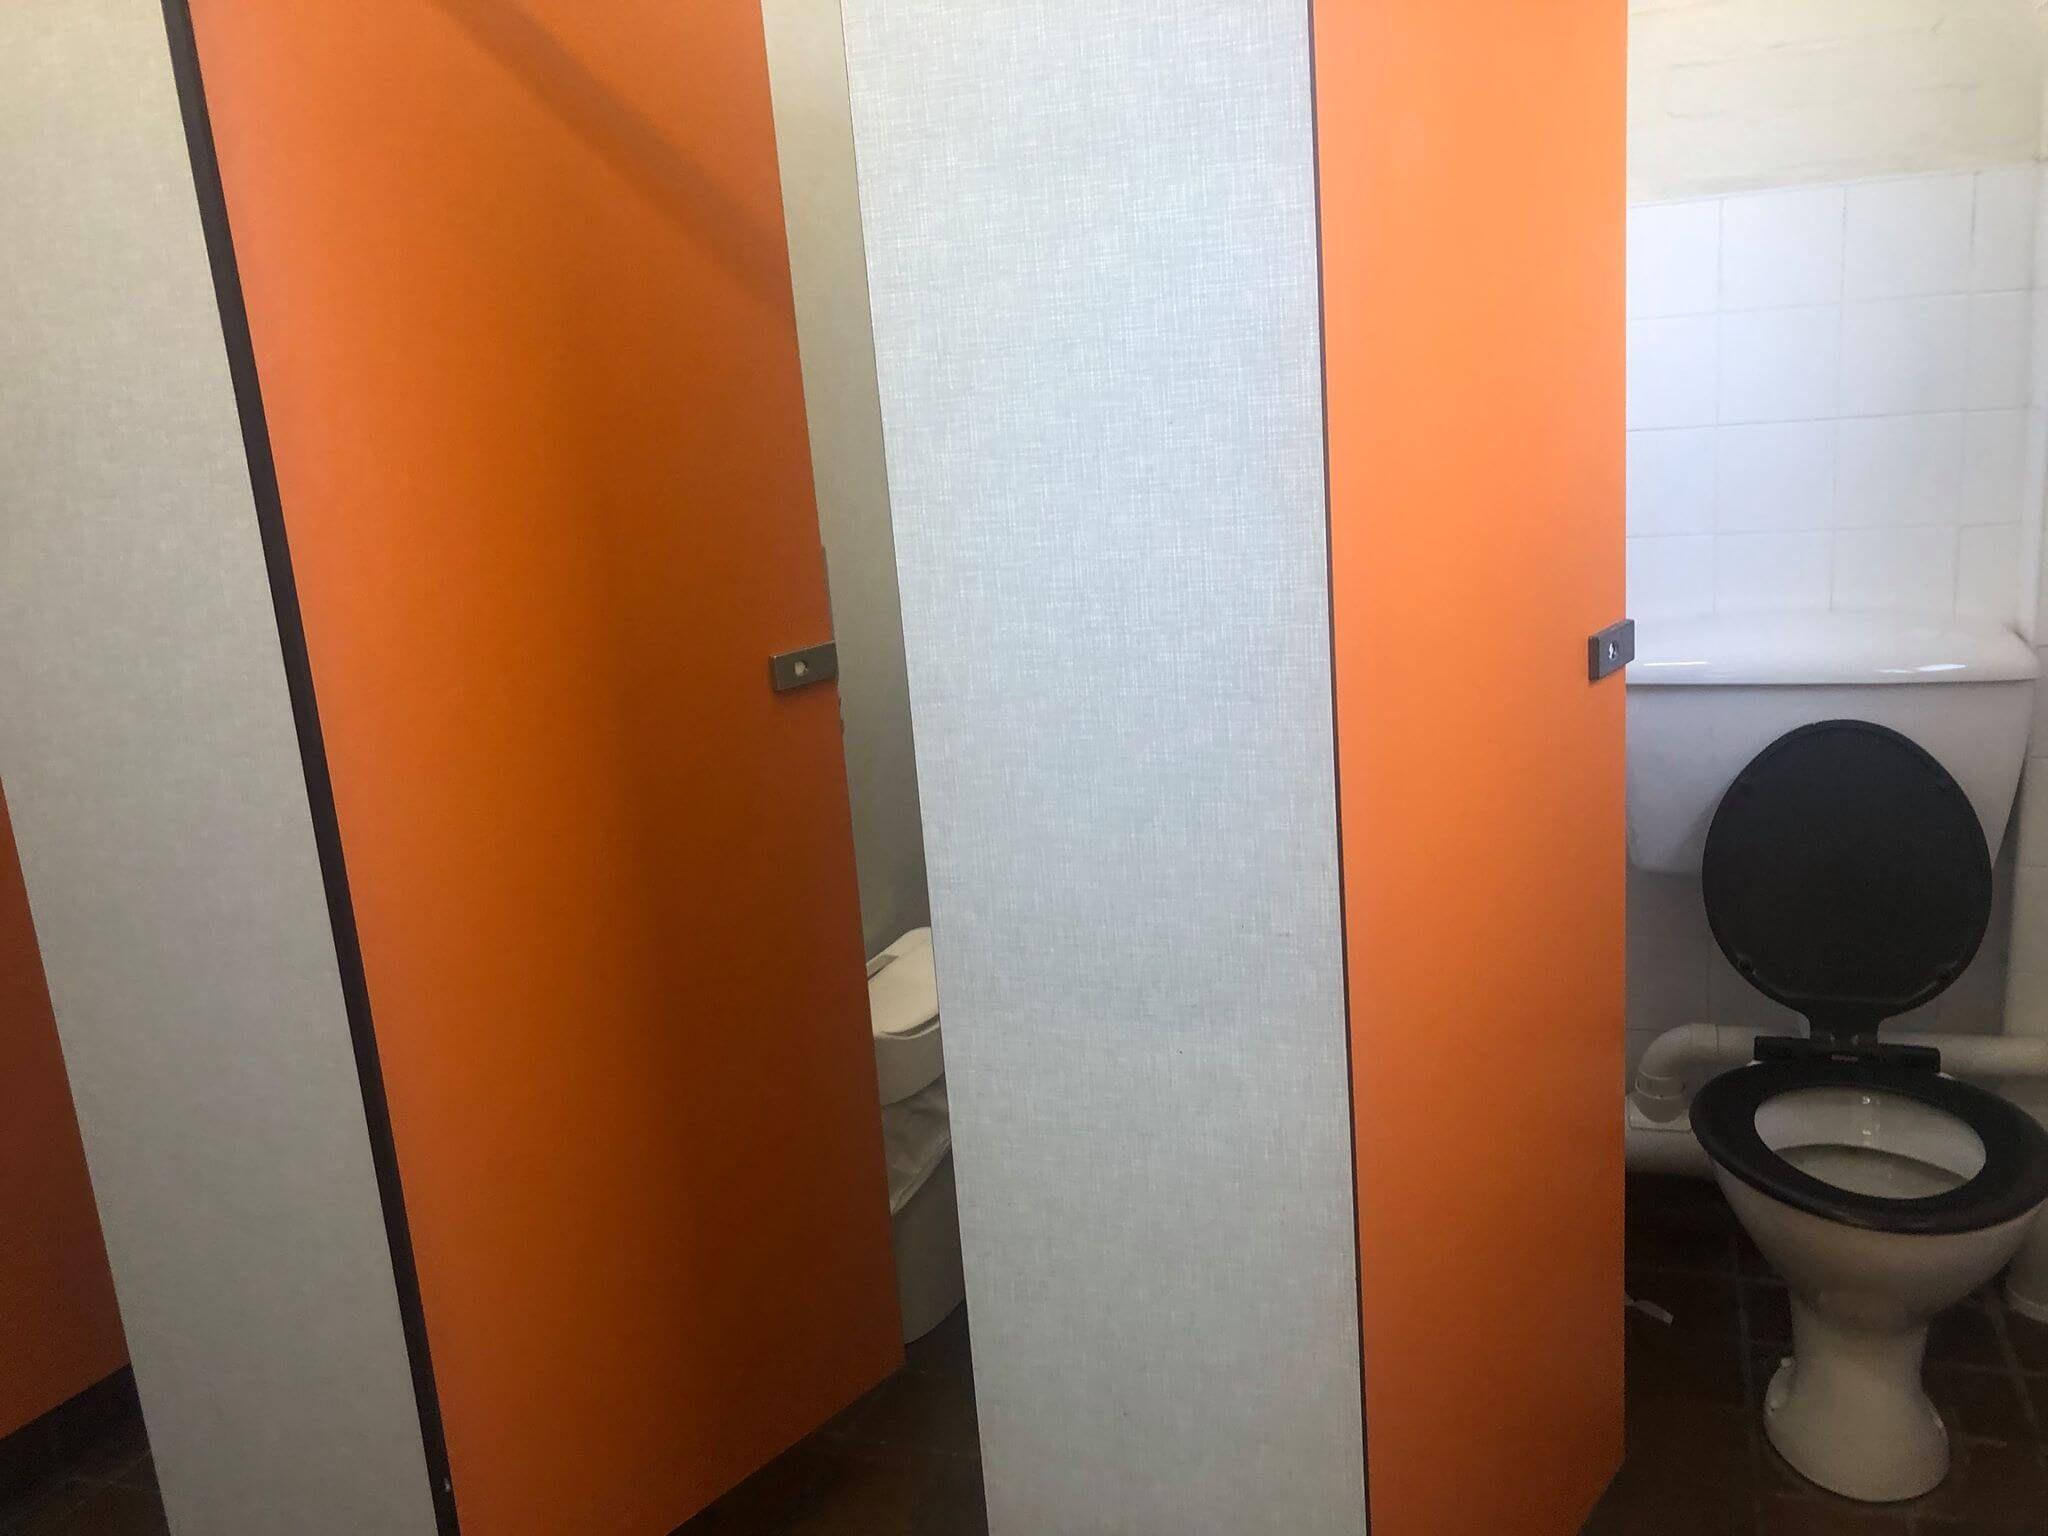 Image may contain: Flooring, Screen, Door, Electronics, Toilet, Bathroom, Room, Furniture, Corner, Indoors, Interior Design